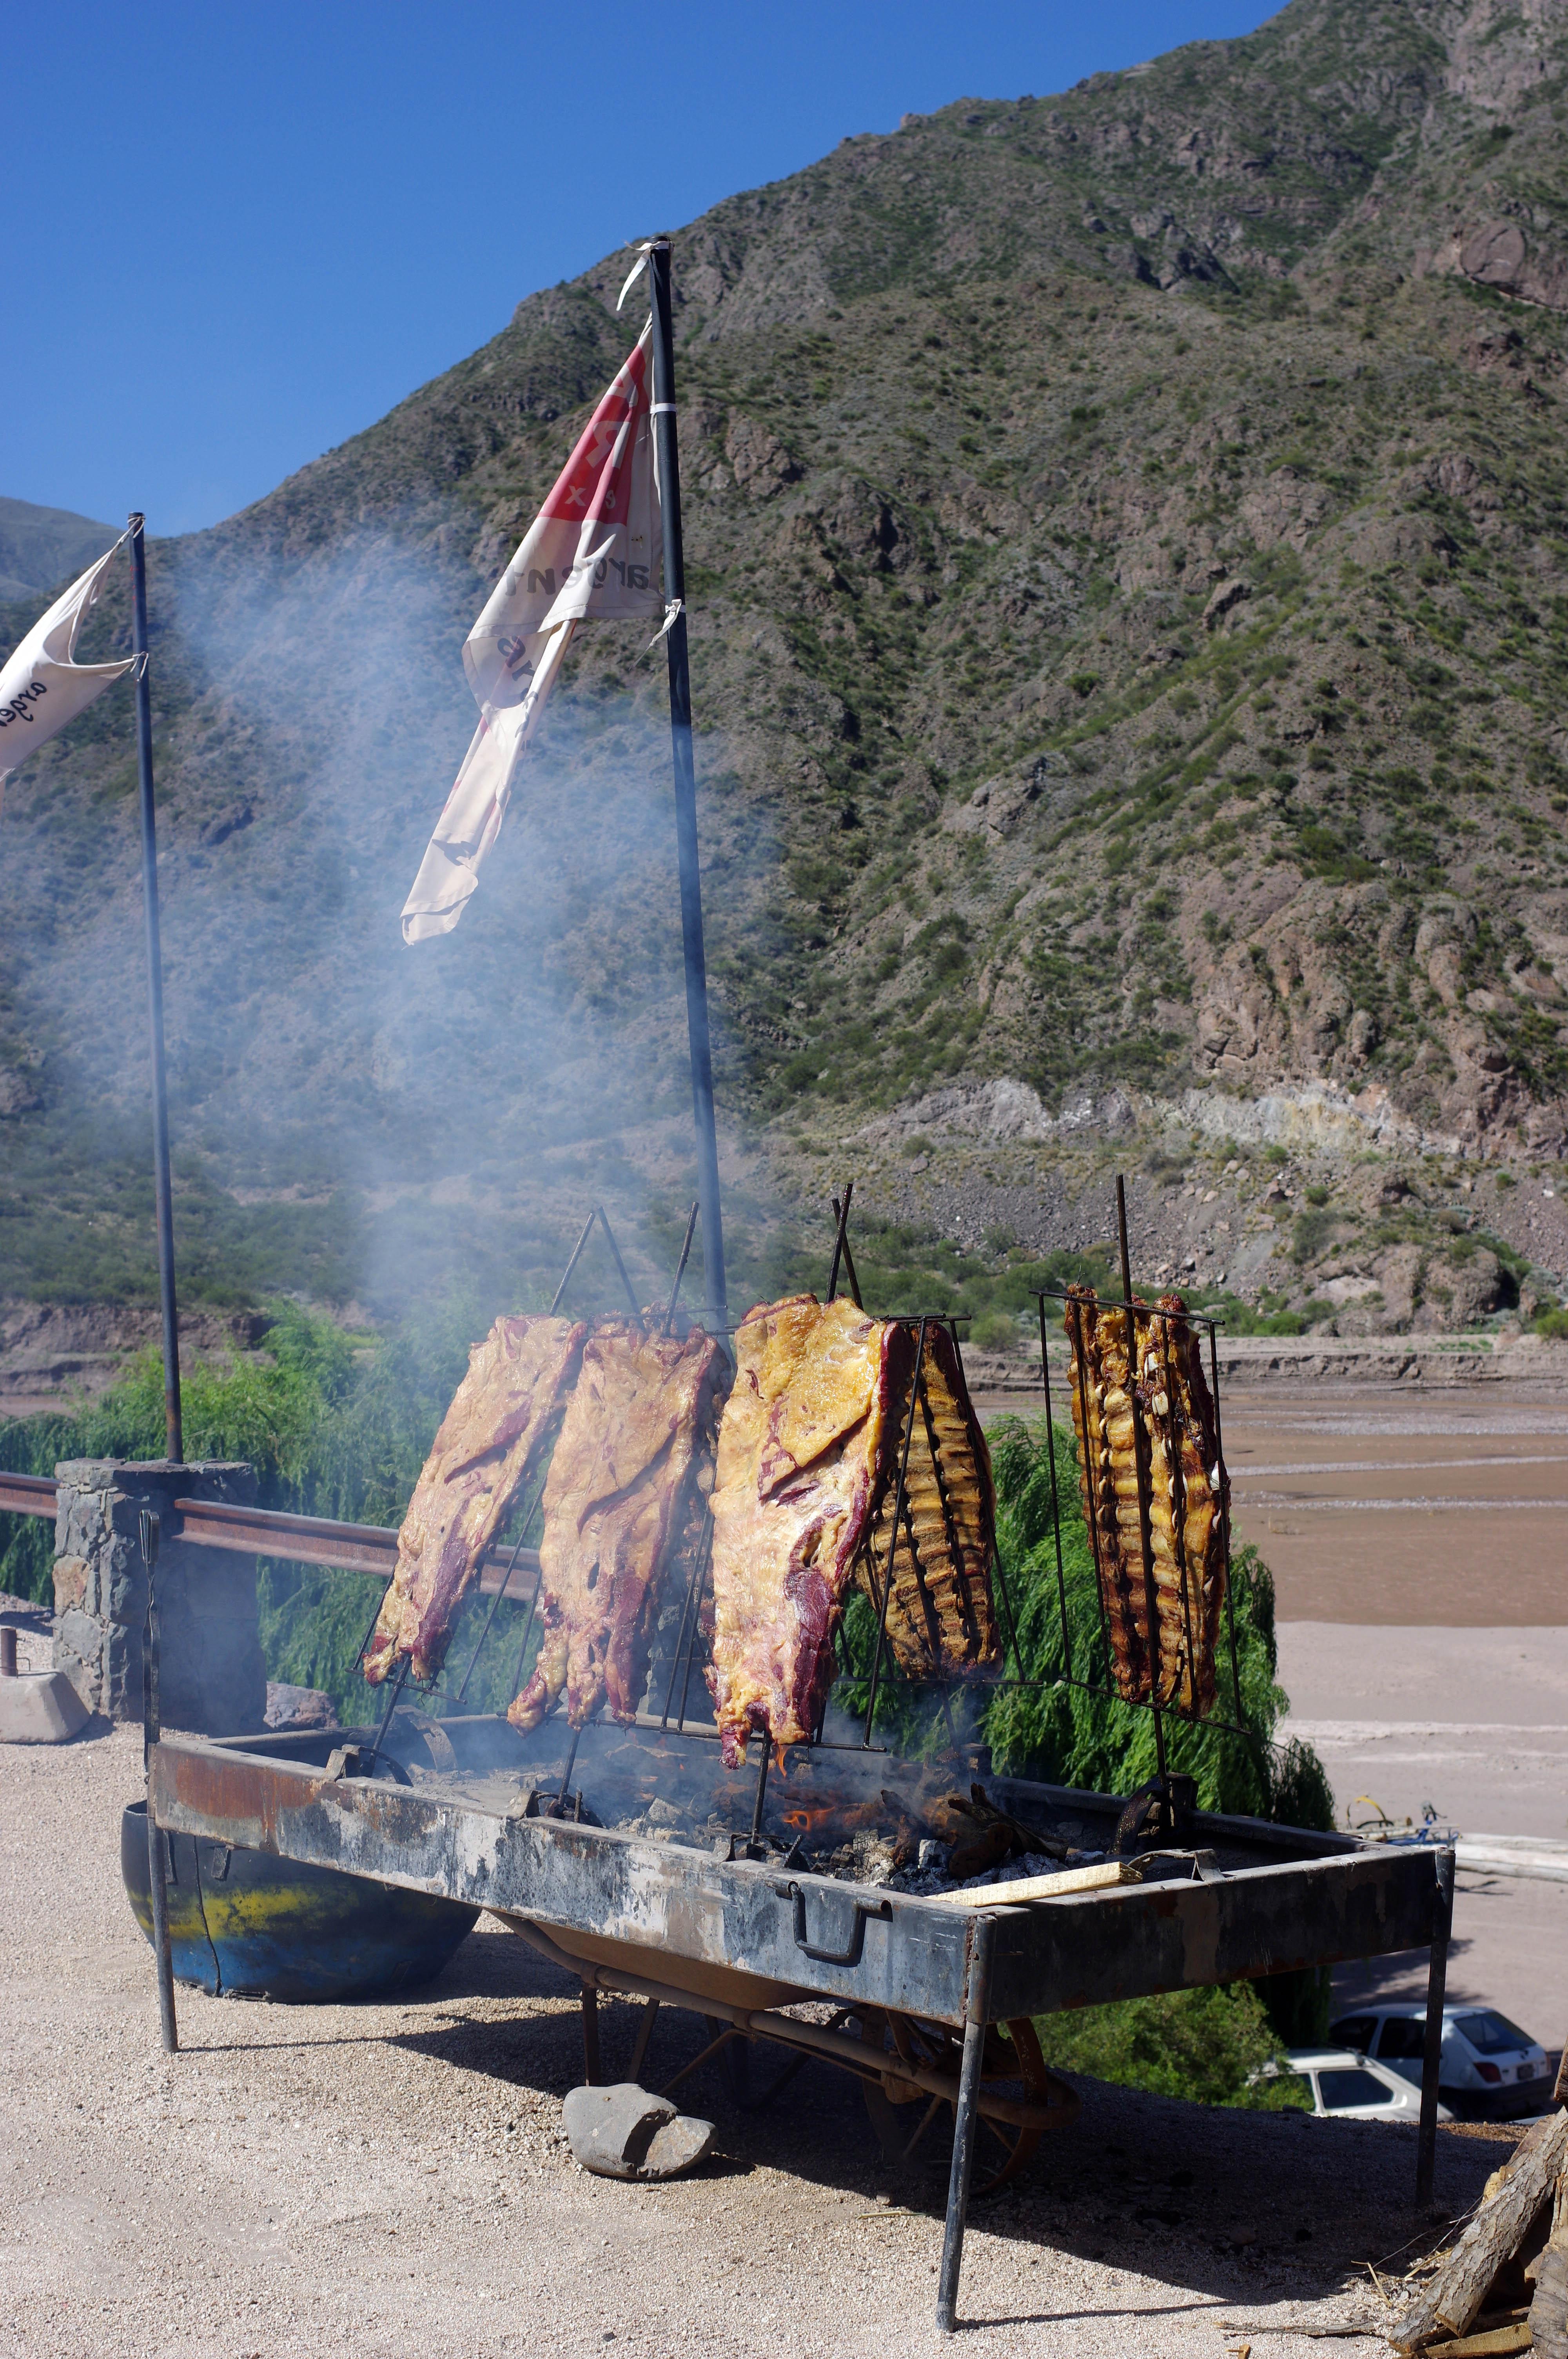 171215_Mendoza-Potrerillos90